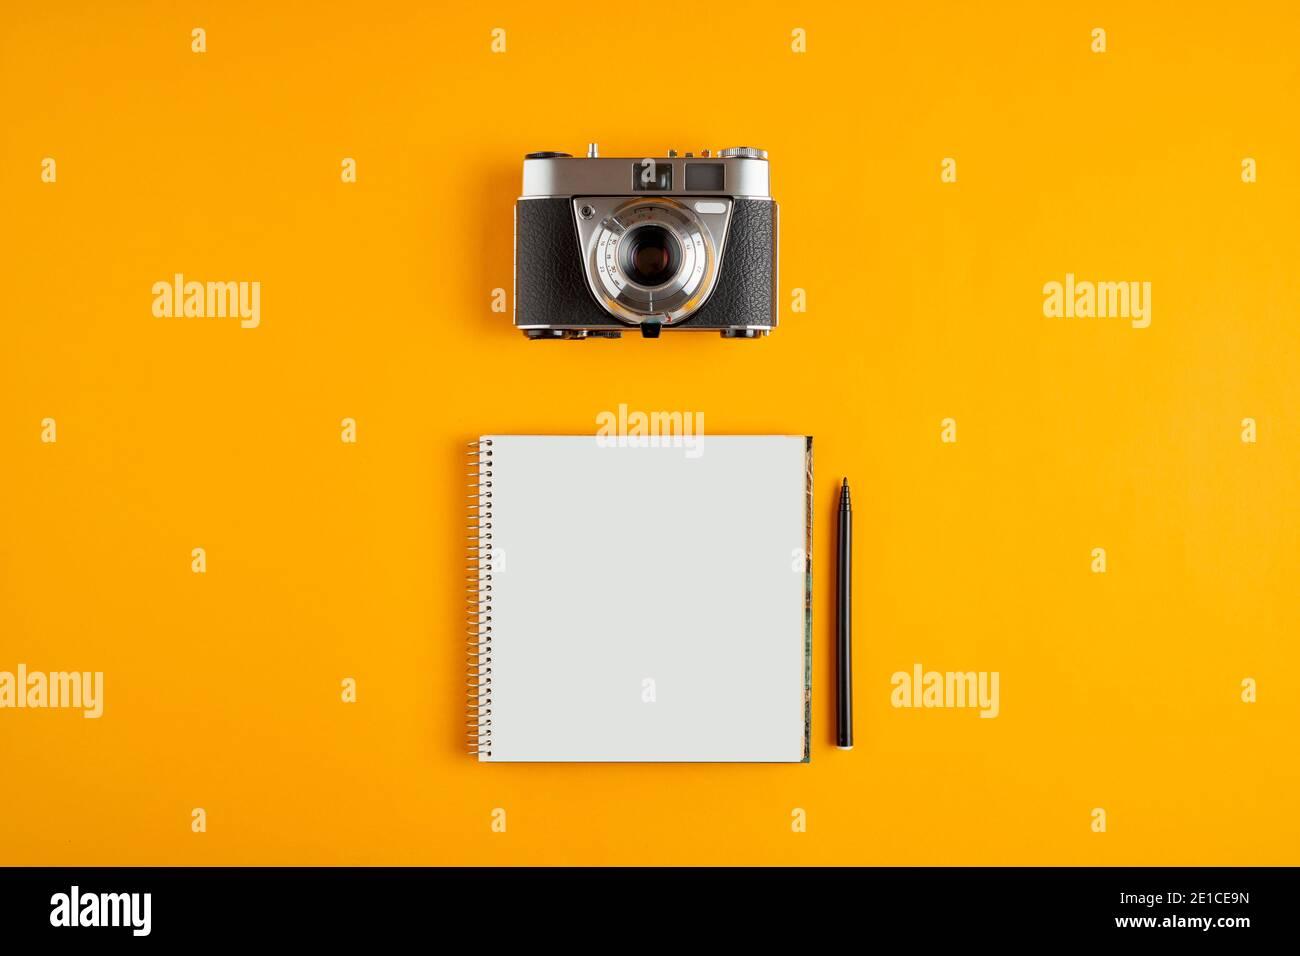 Caméra analogique vintage avec bloc-notes vierge en spirale sur fond jaune avec espace de copie. Banque D'Images